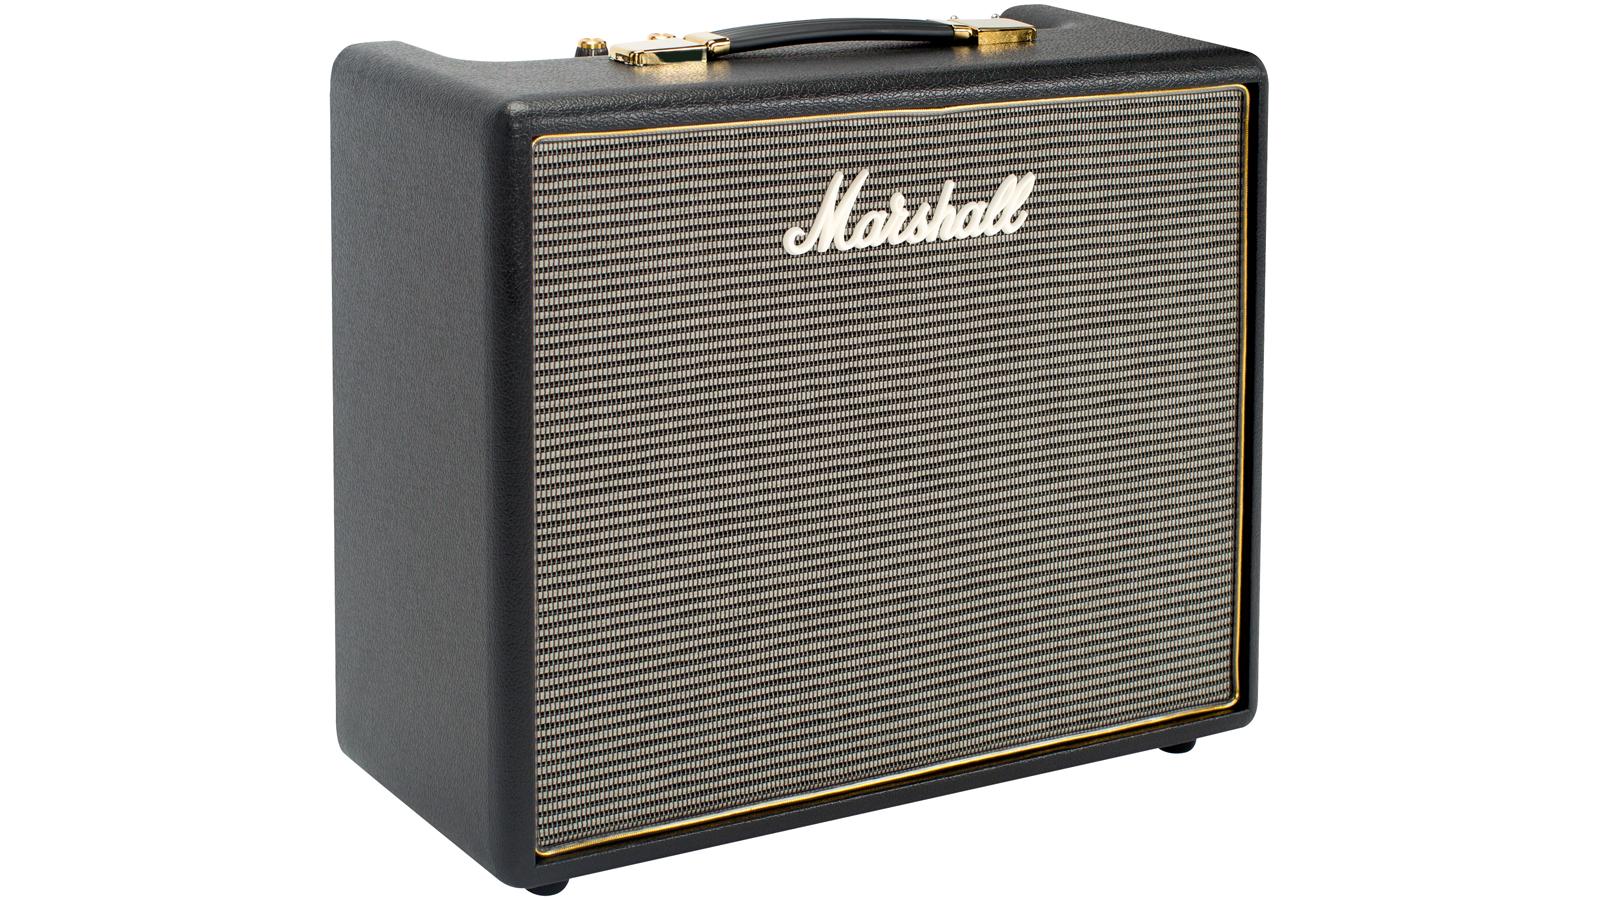 Marshall ORI5C Origin 5 Gitarrenverstärker